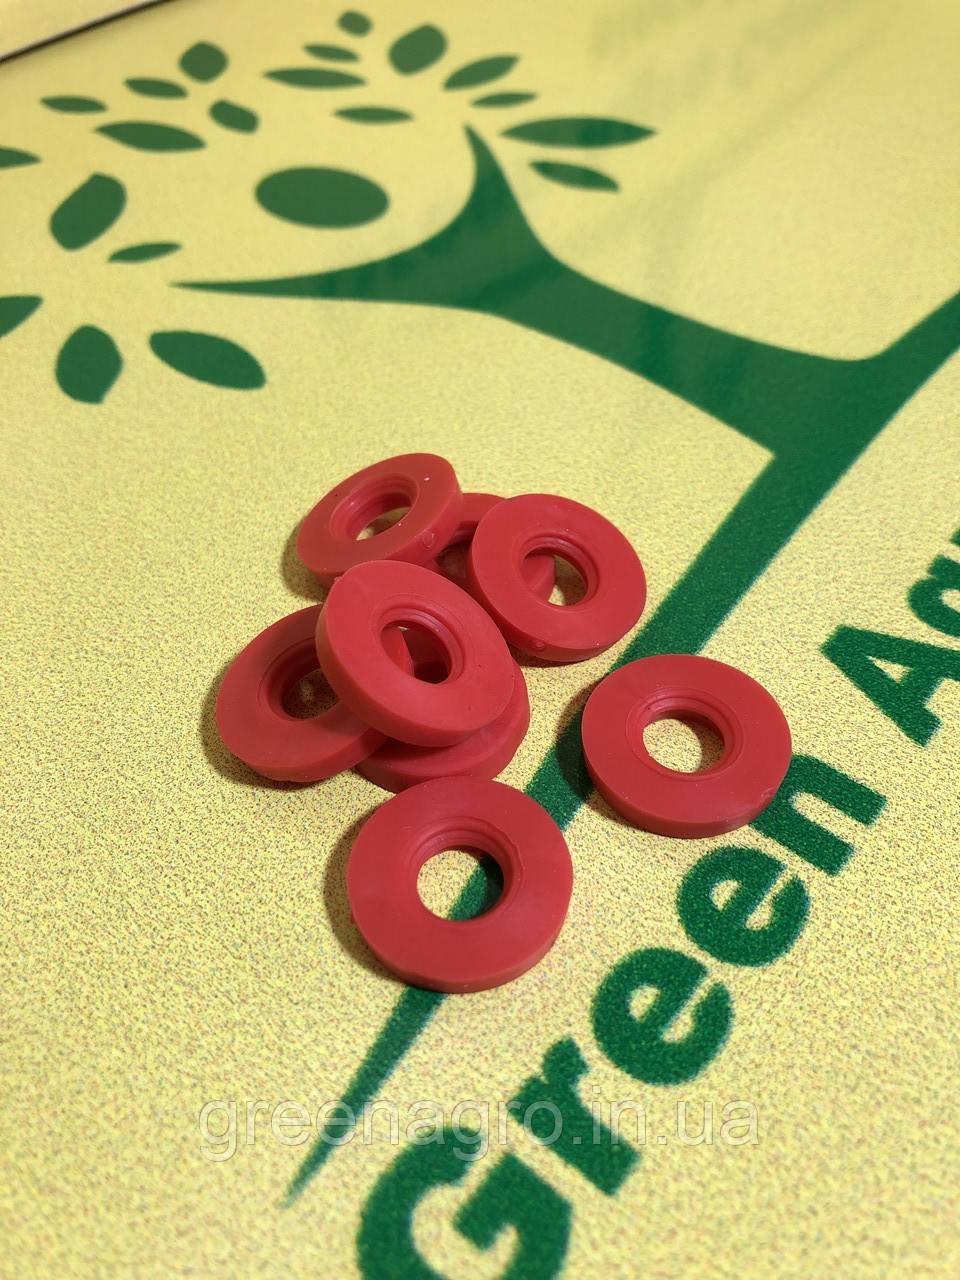 Кольцо уплотнительное форсунки опрыскивателя 0,8 Agroplast